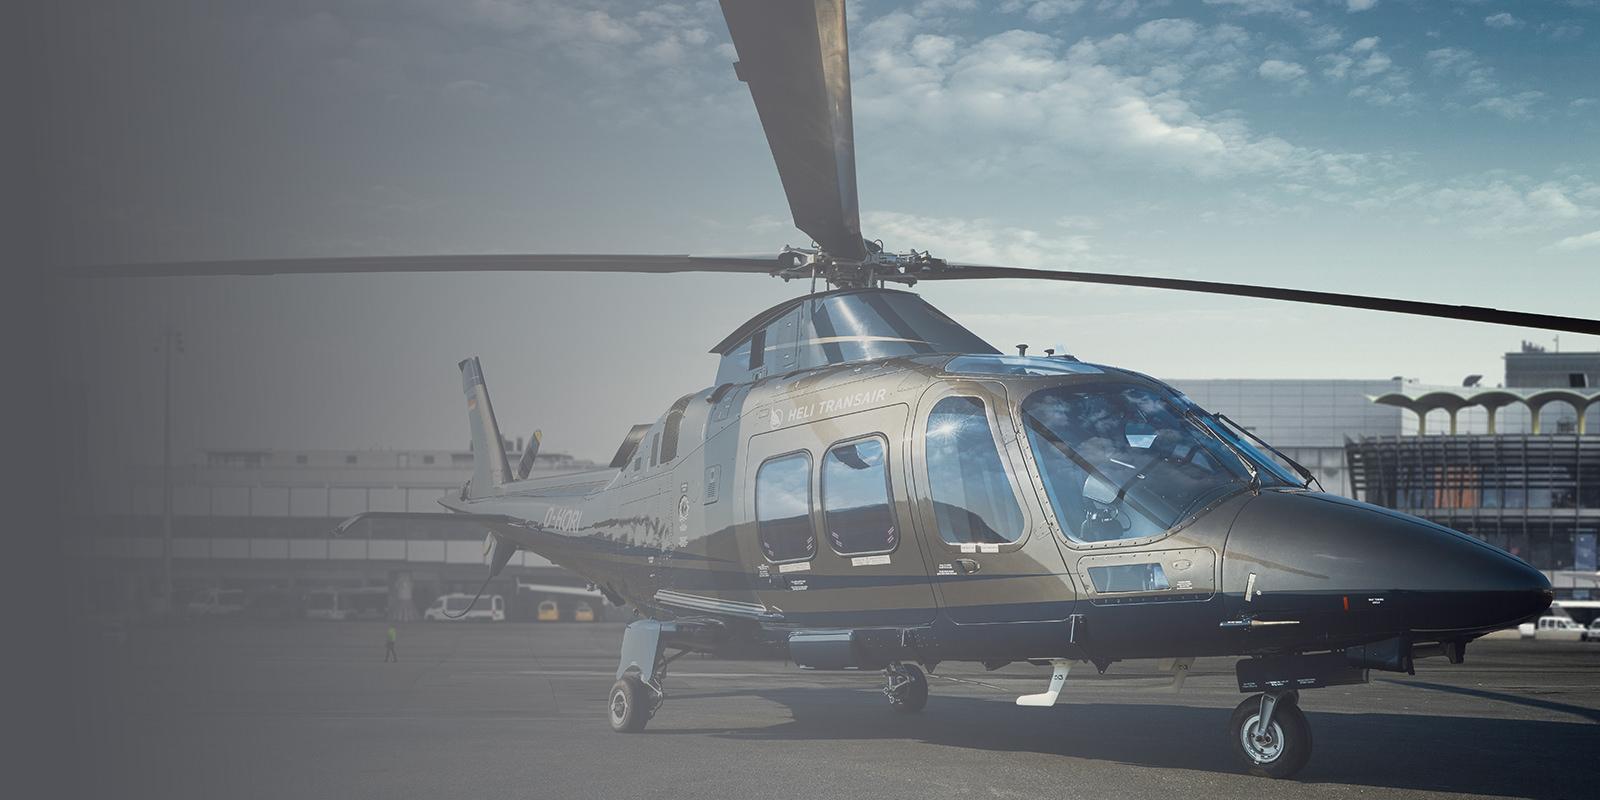 Heli Transair - Führender Luftfahrtdienstleister für Charter- und